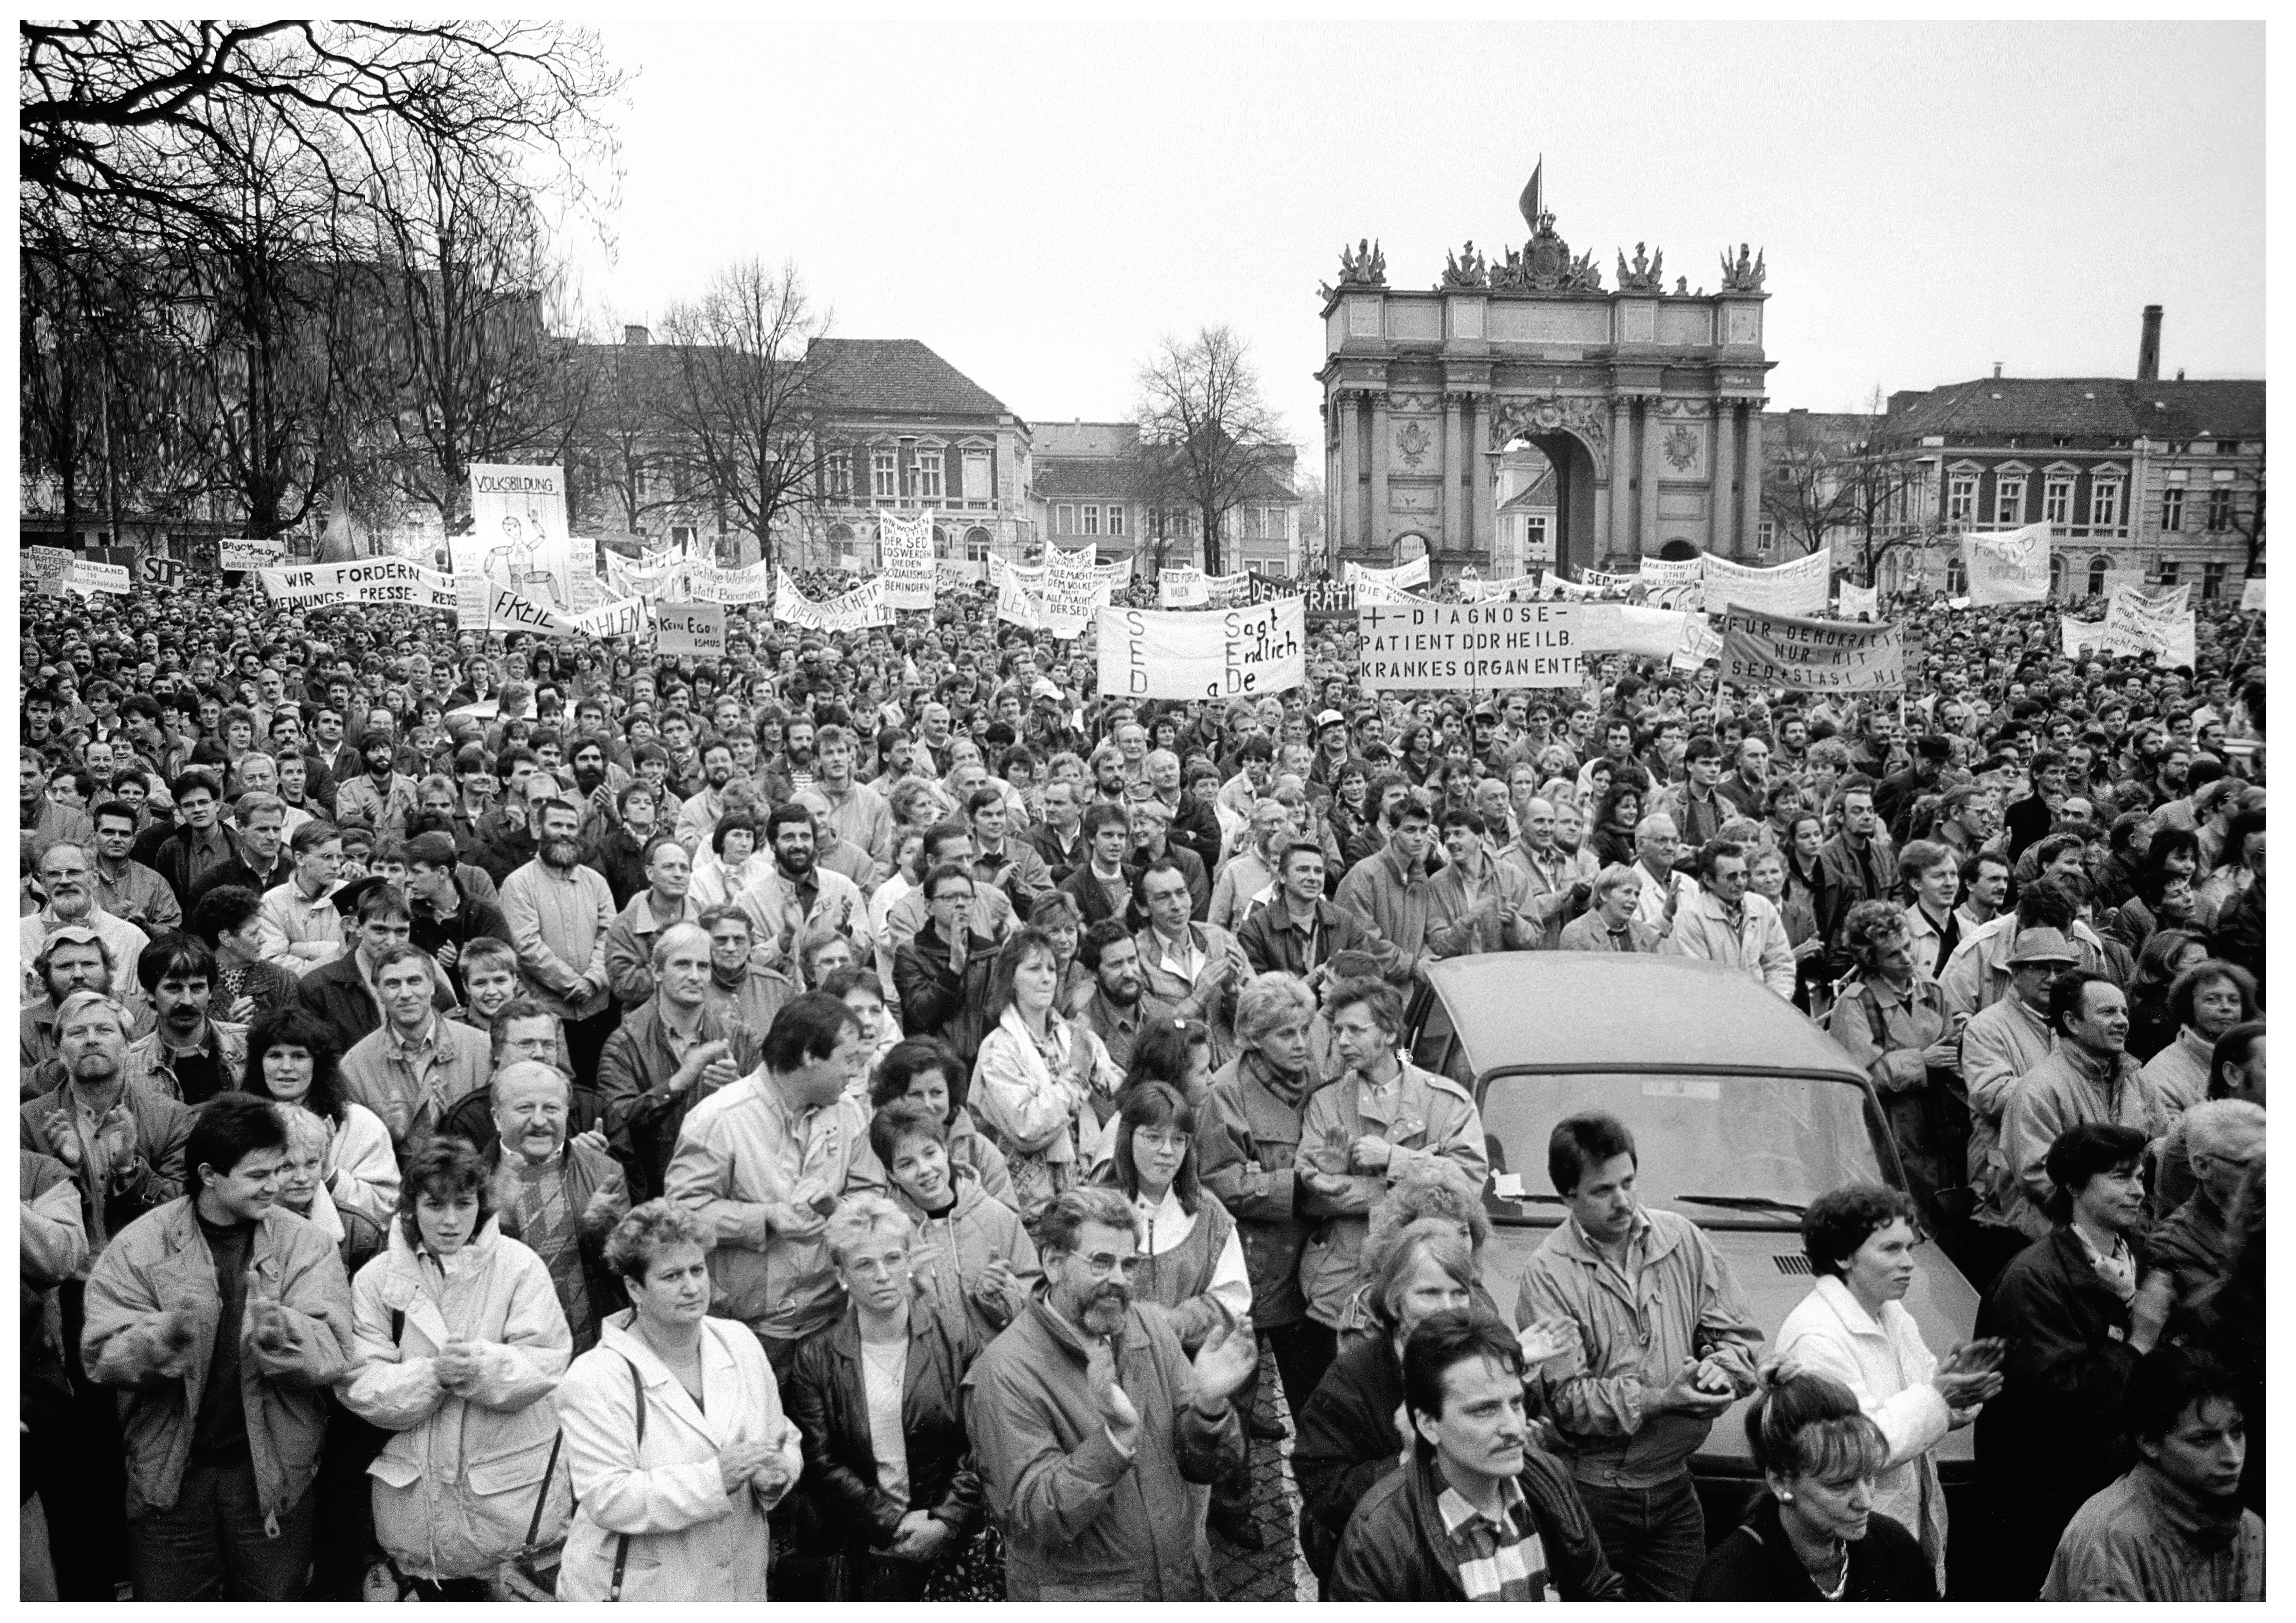 Kundgebung am 4.11.1989 auf dem Platz der Nationen (Luisenplatz). Foto: Klaus D. Fahlbusch